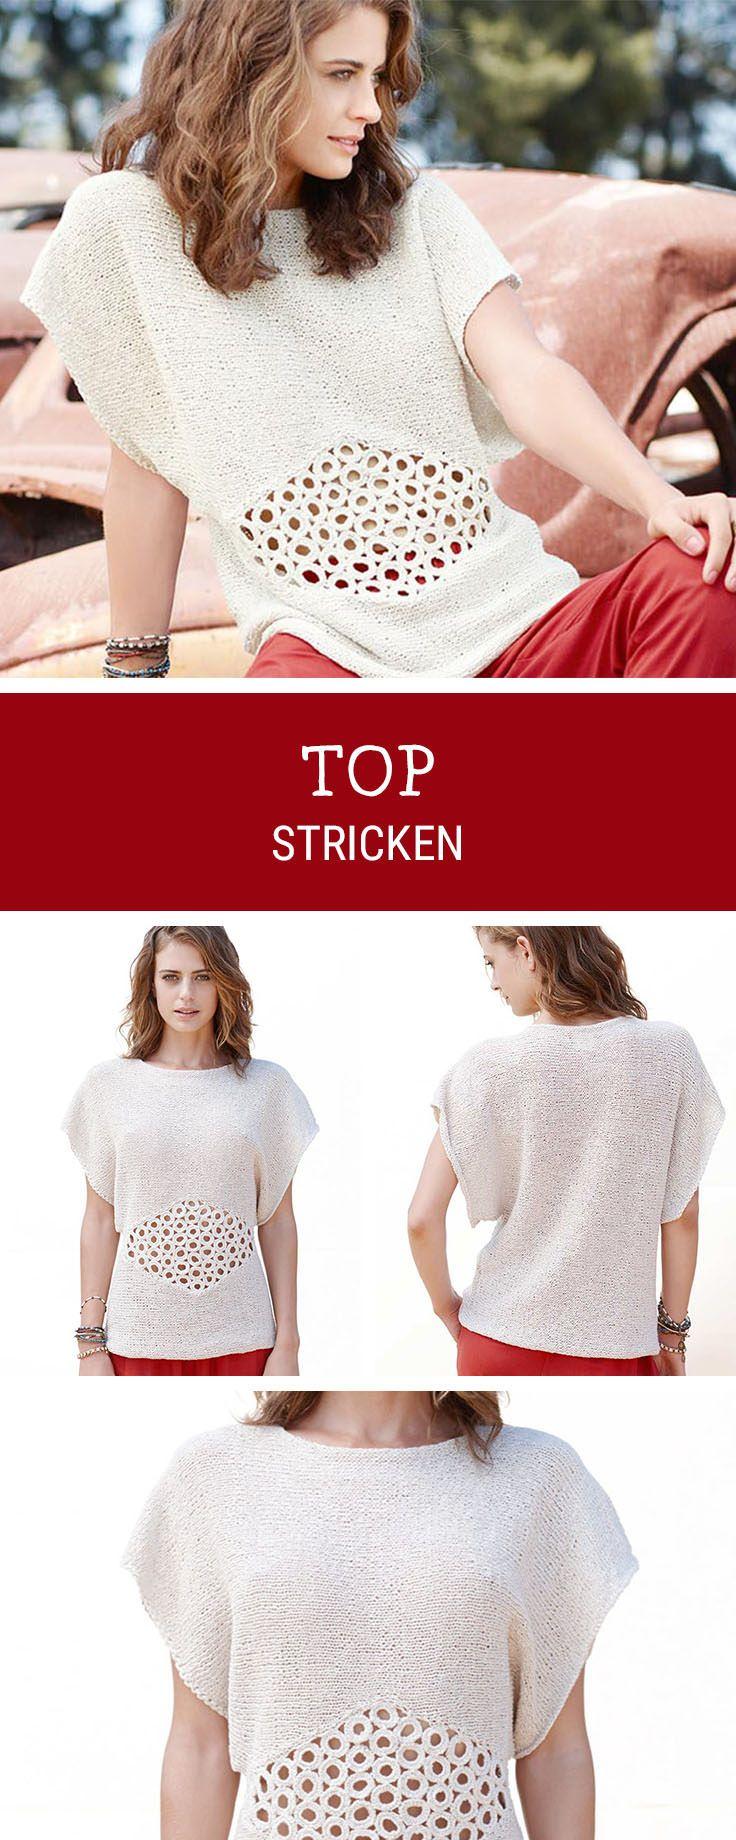 Cooles Top stricken mit Häkeleinsatz, Mode stricken für den Sommer / knitting a summerly top with crochet elements via DaWanda.com #crochetelements